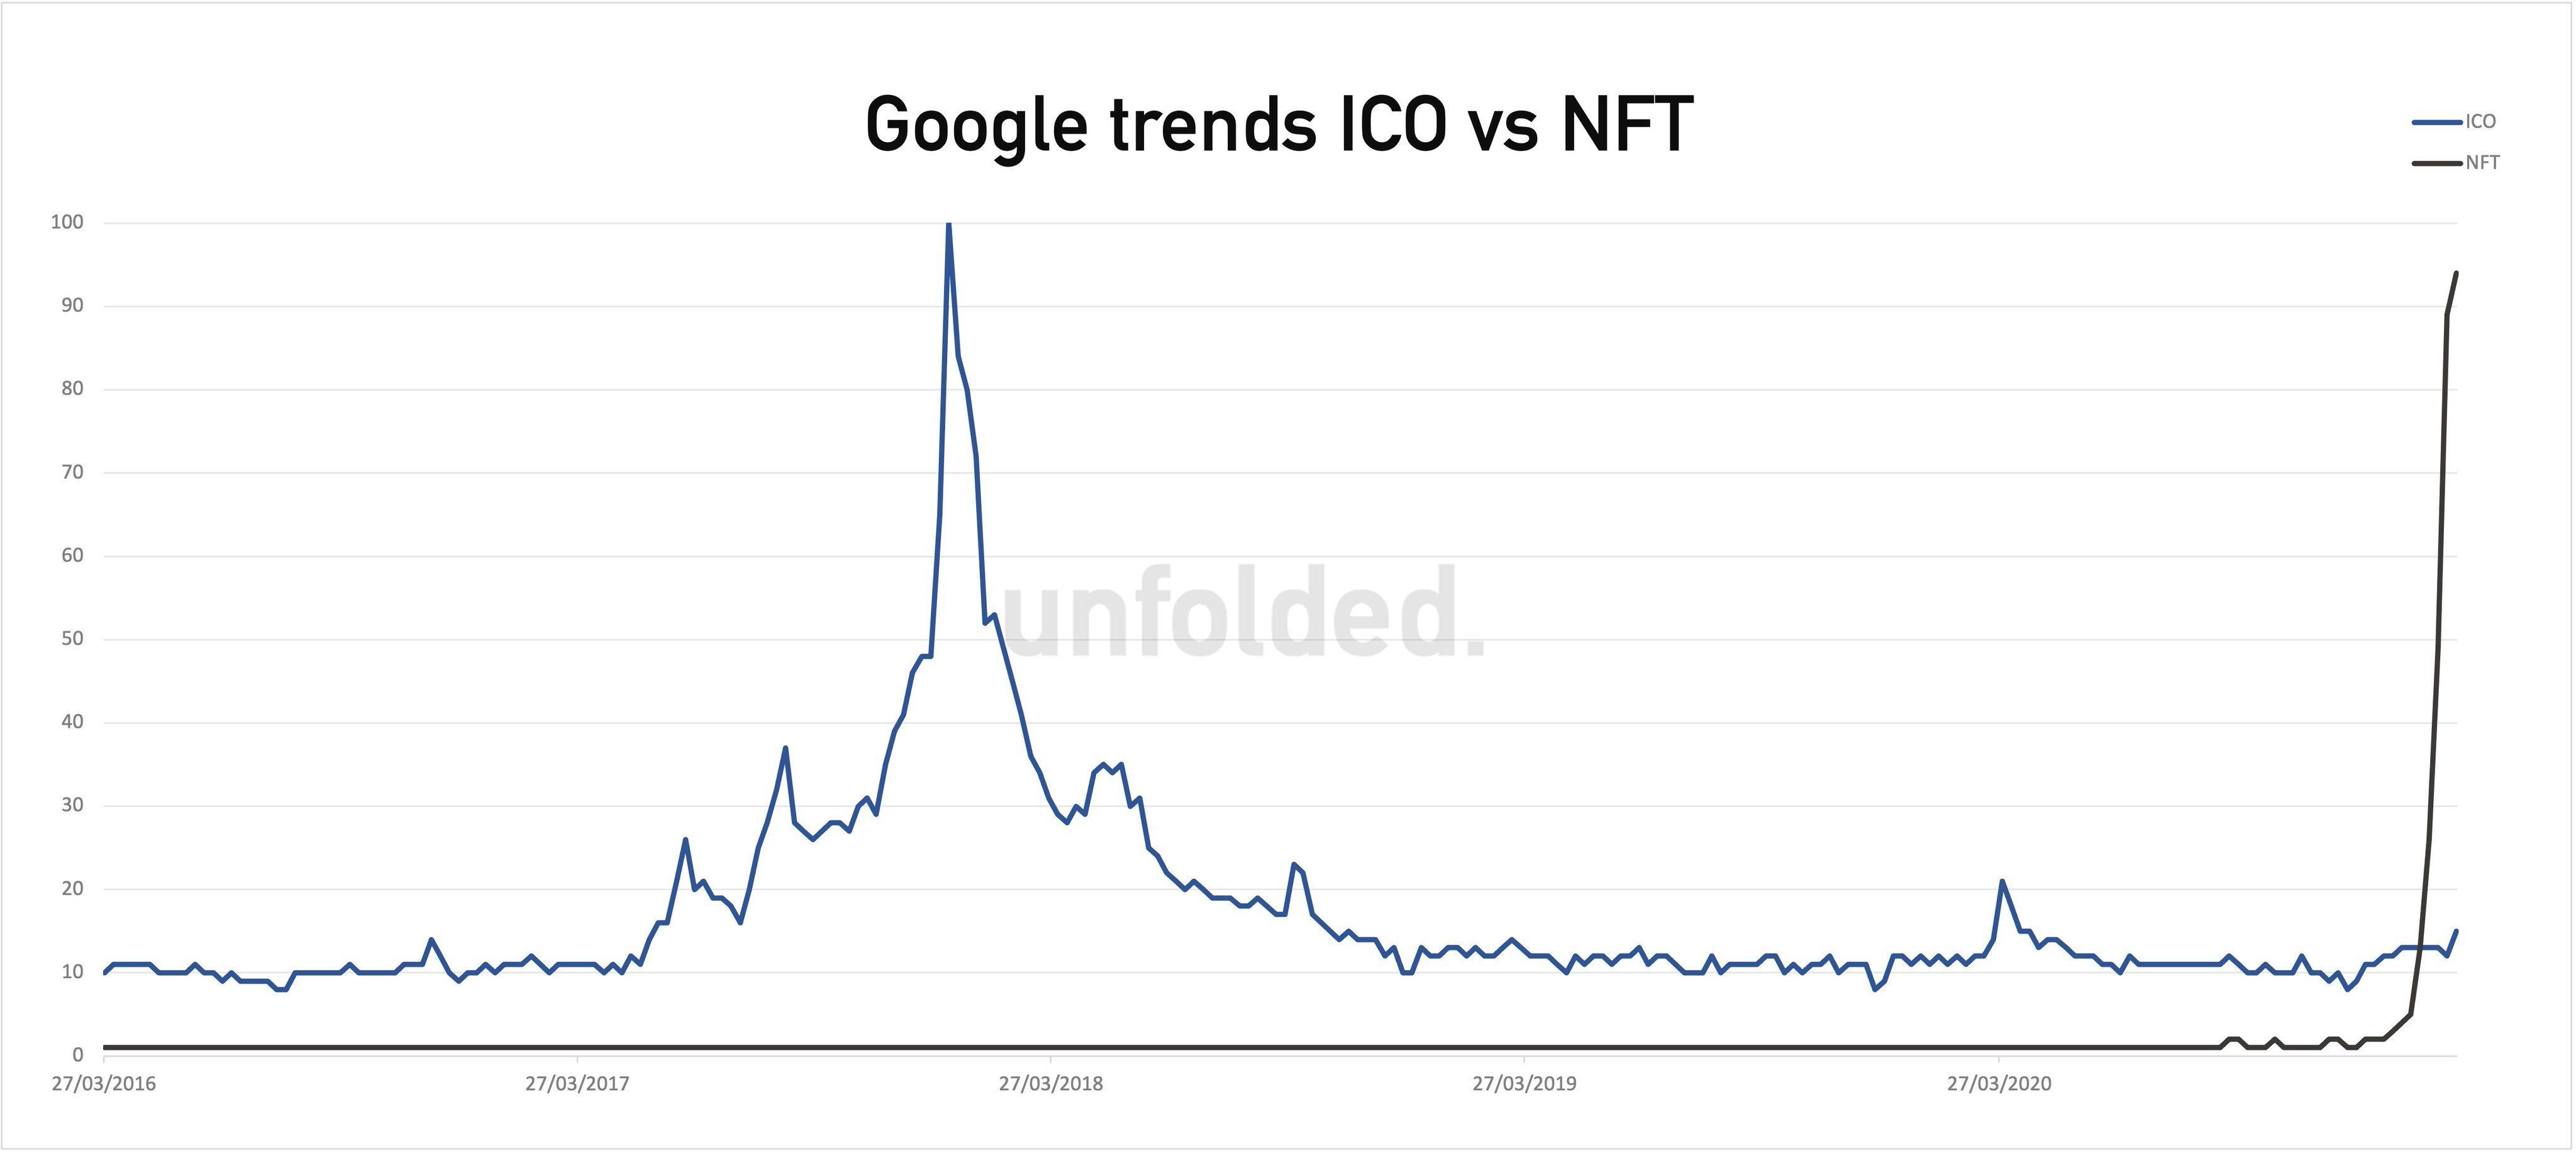 Google trends ICO vs NFT